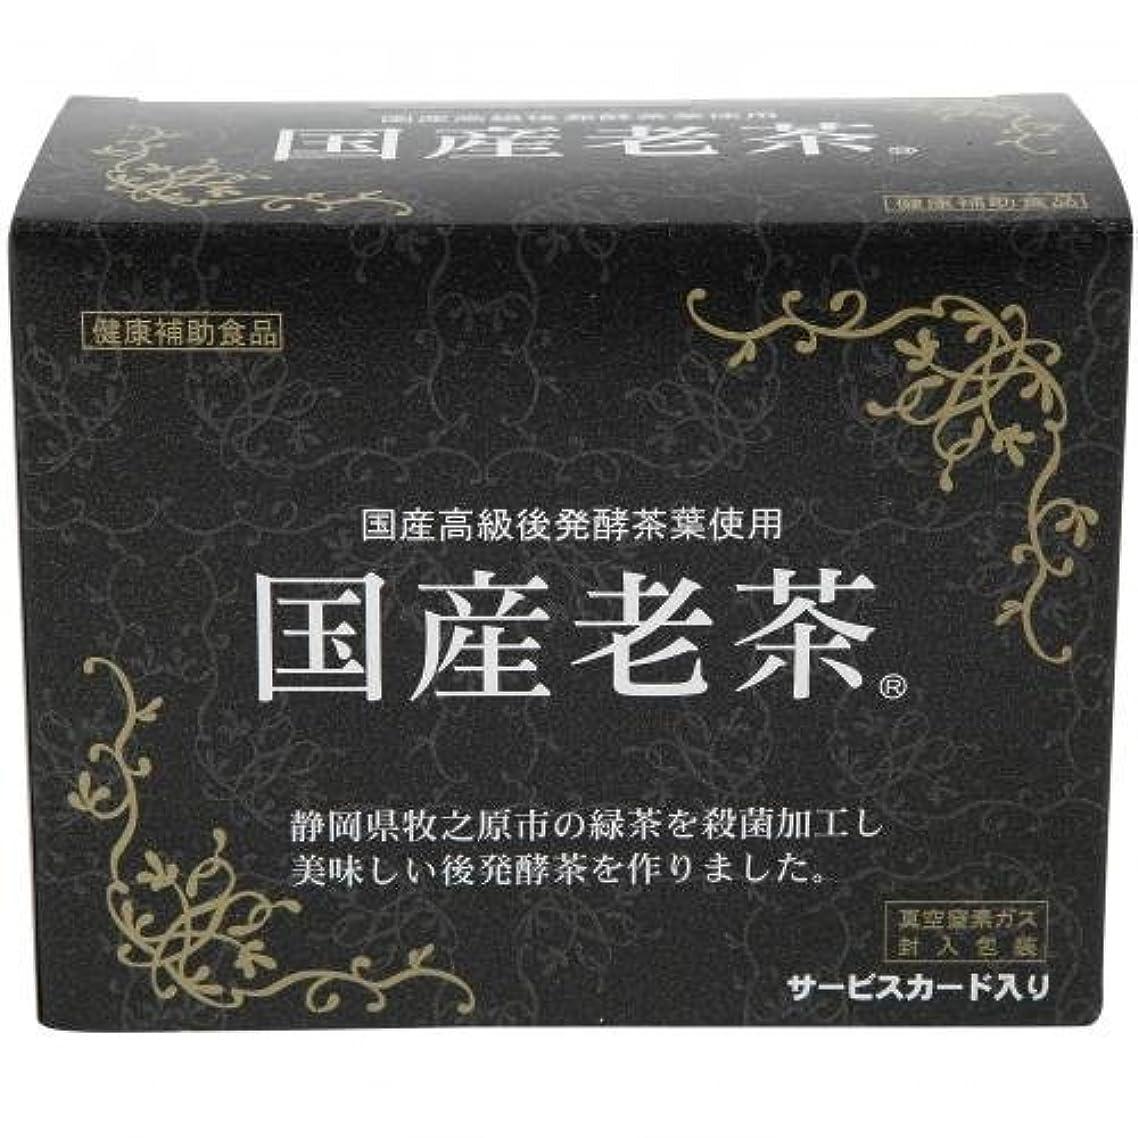 くちばし動かすどきどき共栄 国産老茶 24包